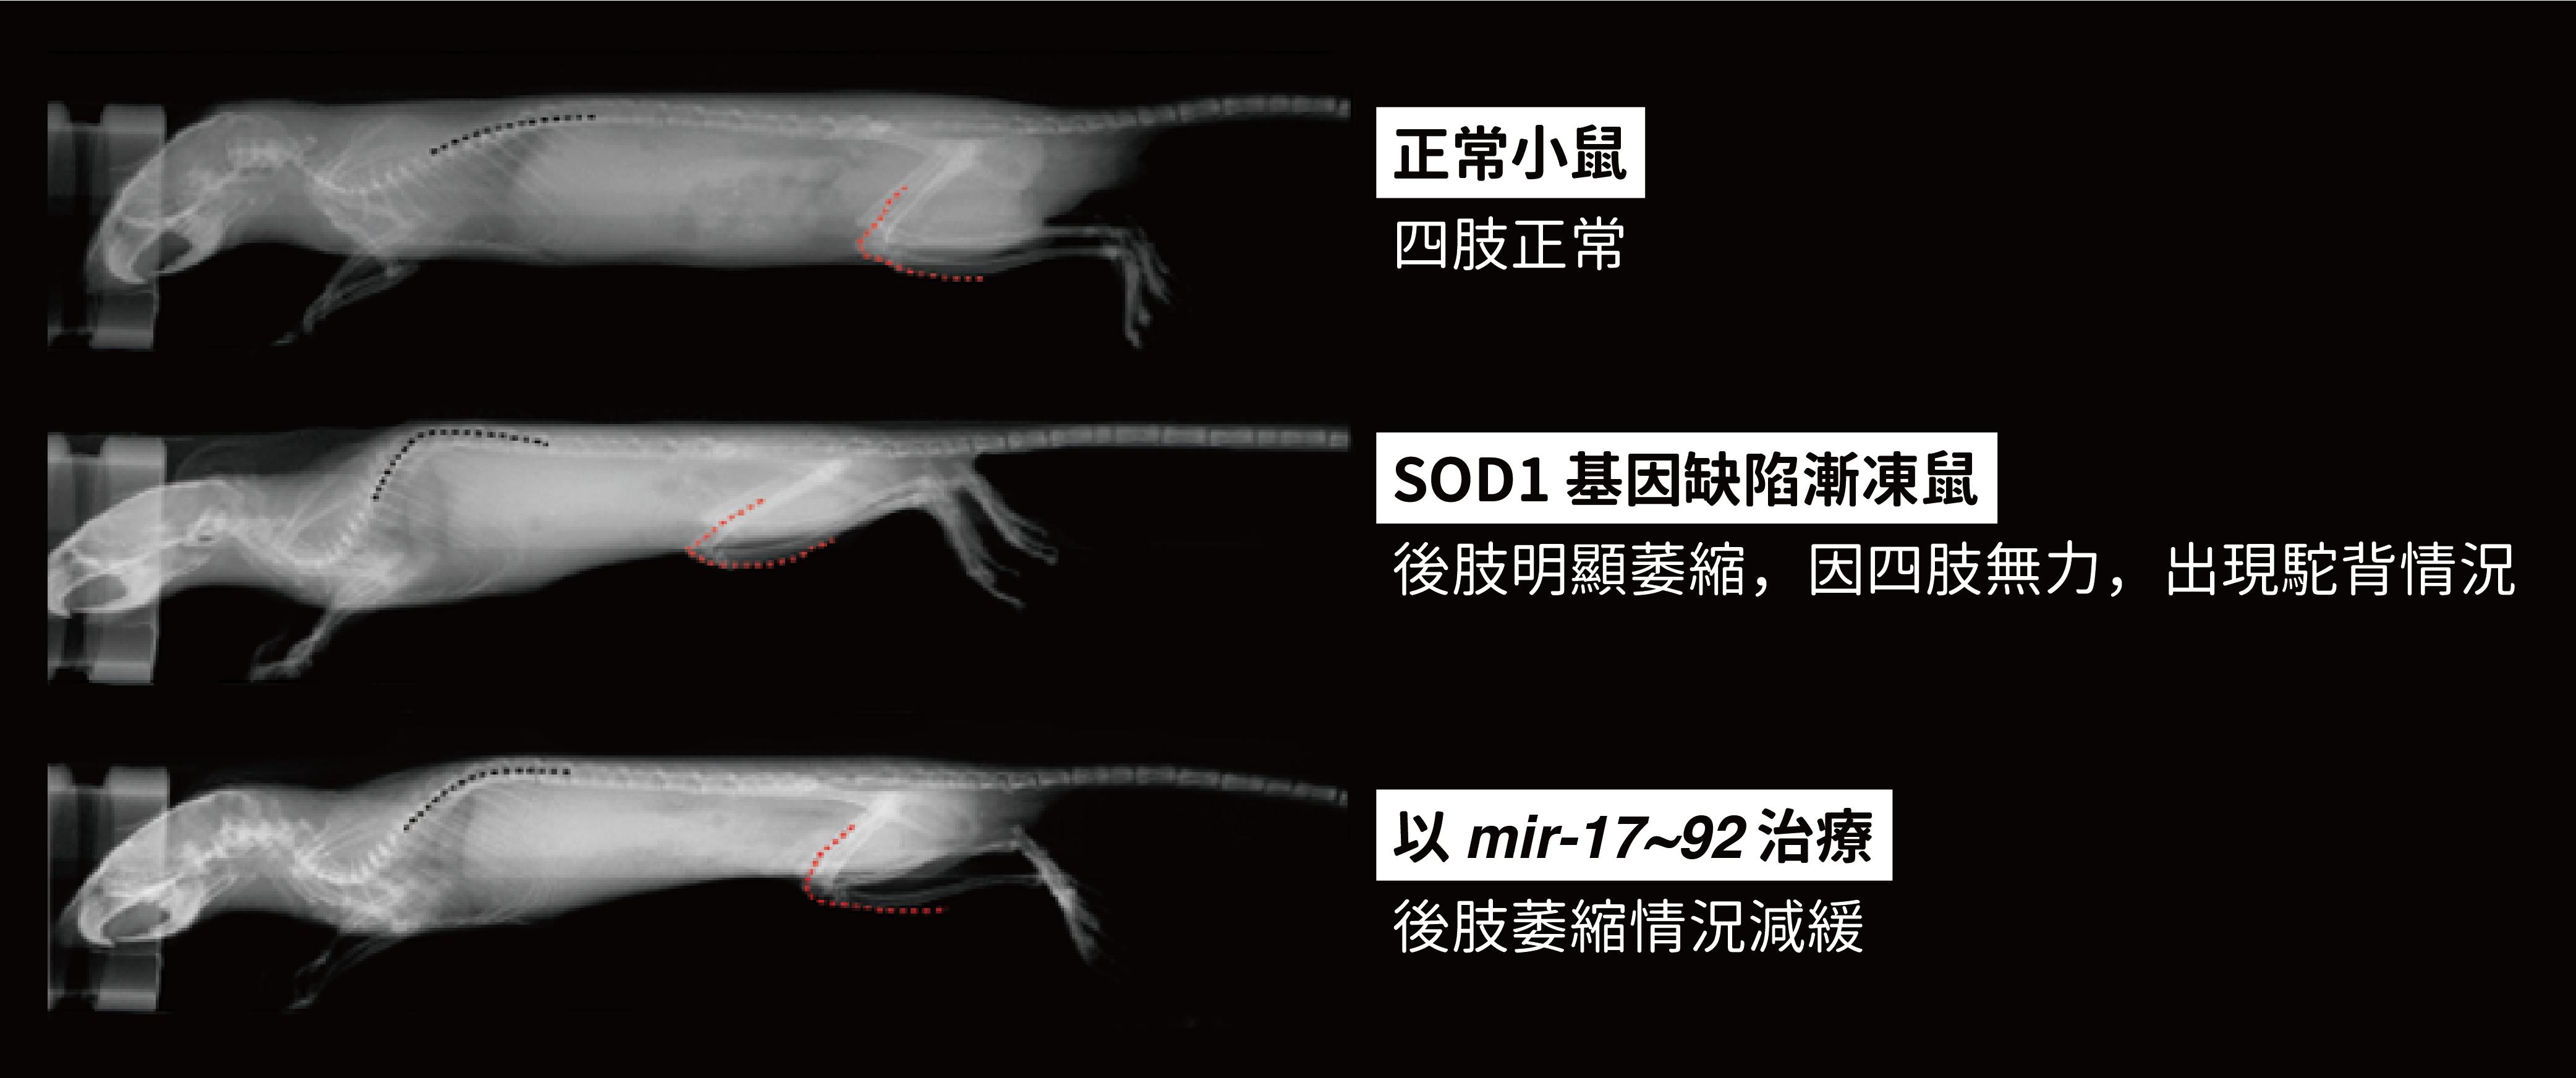 正常小鼠、ALS (漸凍症之一種)模式小鼠、提高體內 mir-17~92 表現量的 ALS 模式小鼠,透過 X 光看見四肢正常/萎縮/復原的情況。圖│研之有物 (資料來源│陳俊安)